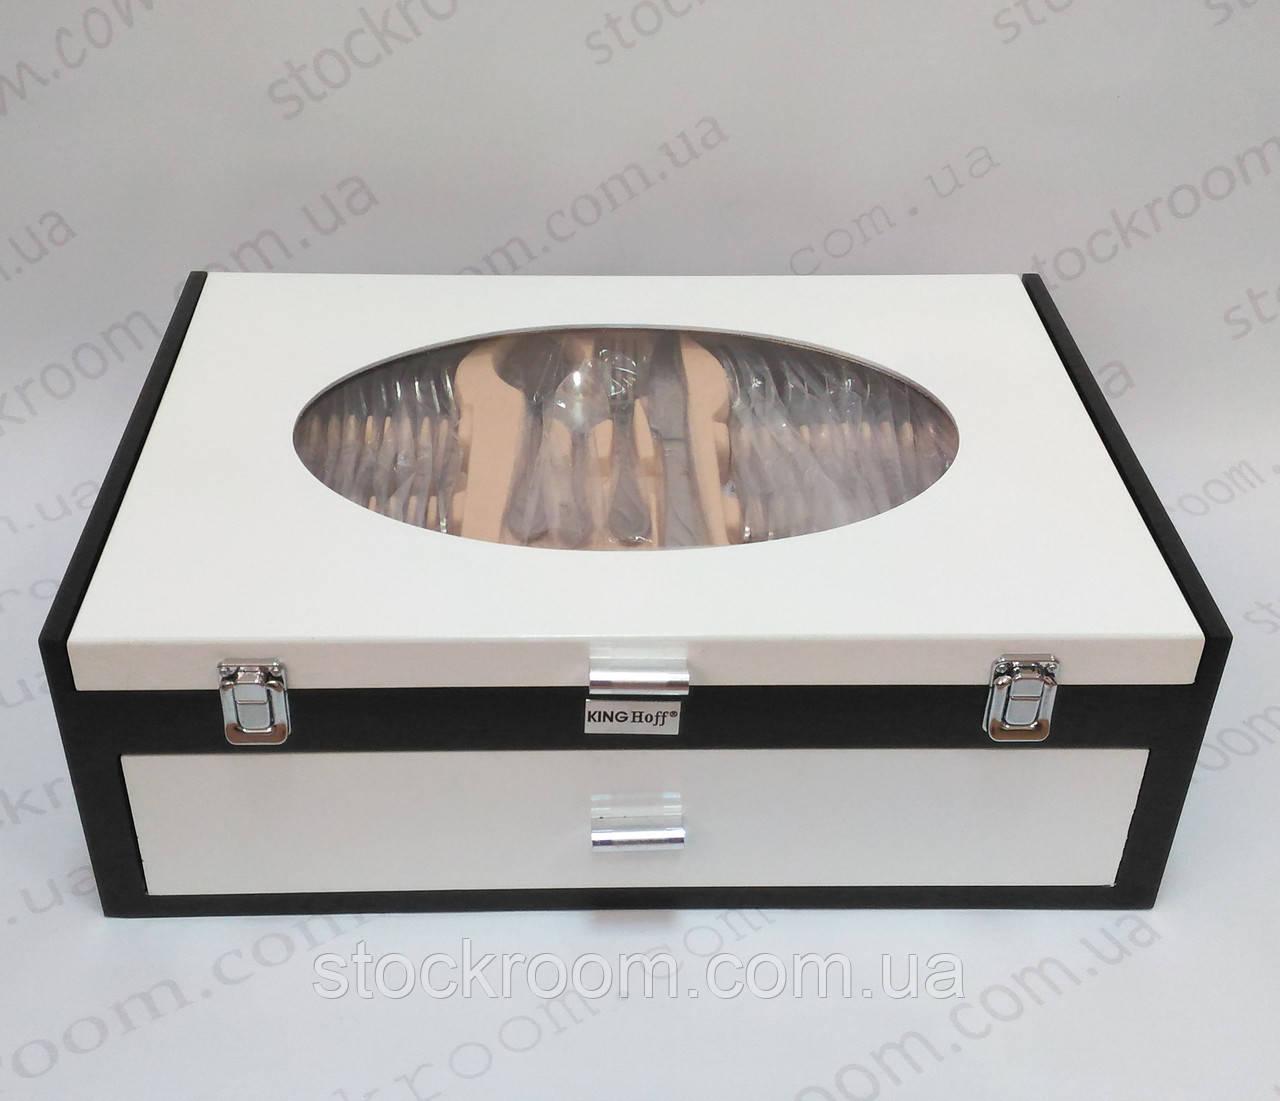 Набор столовых приборов KING Hoff  KH-3548  72 предмета